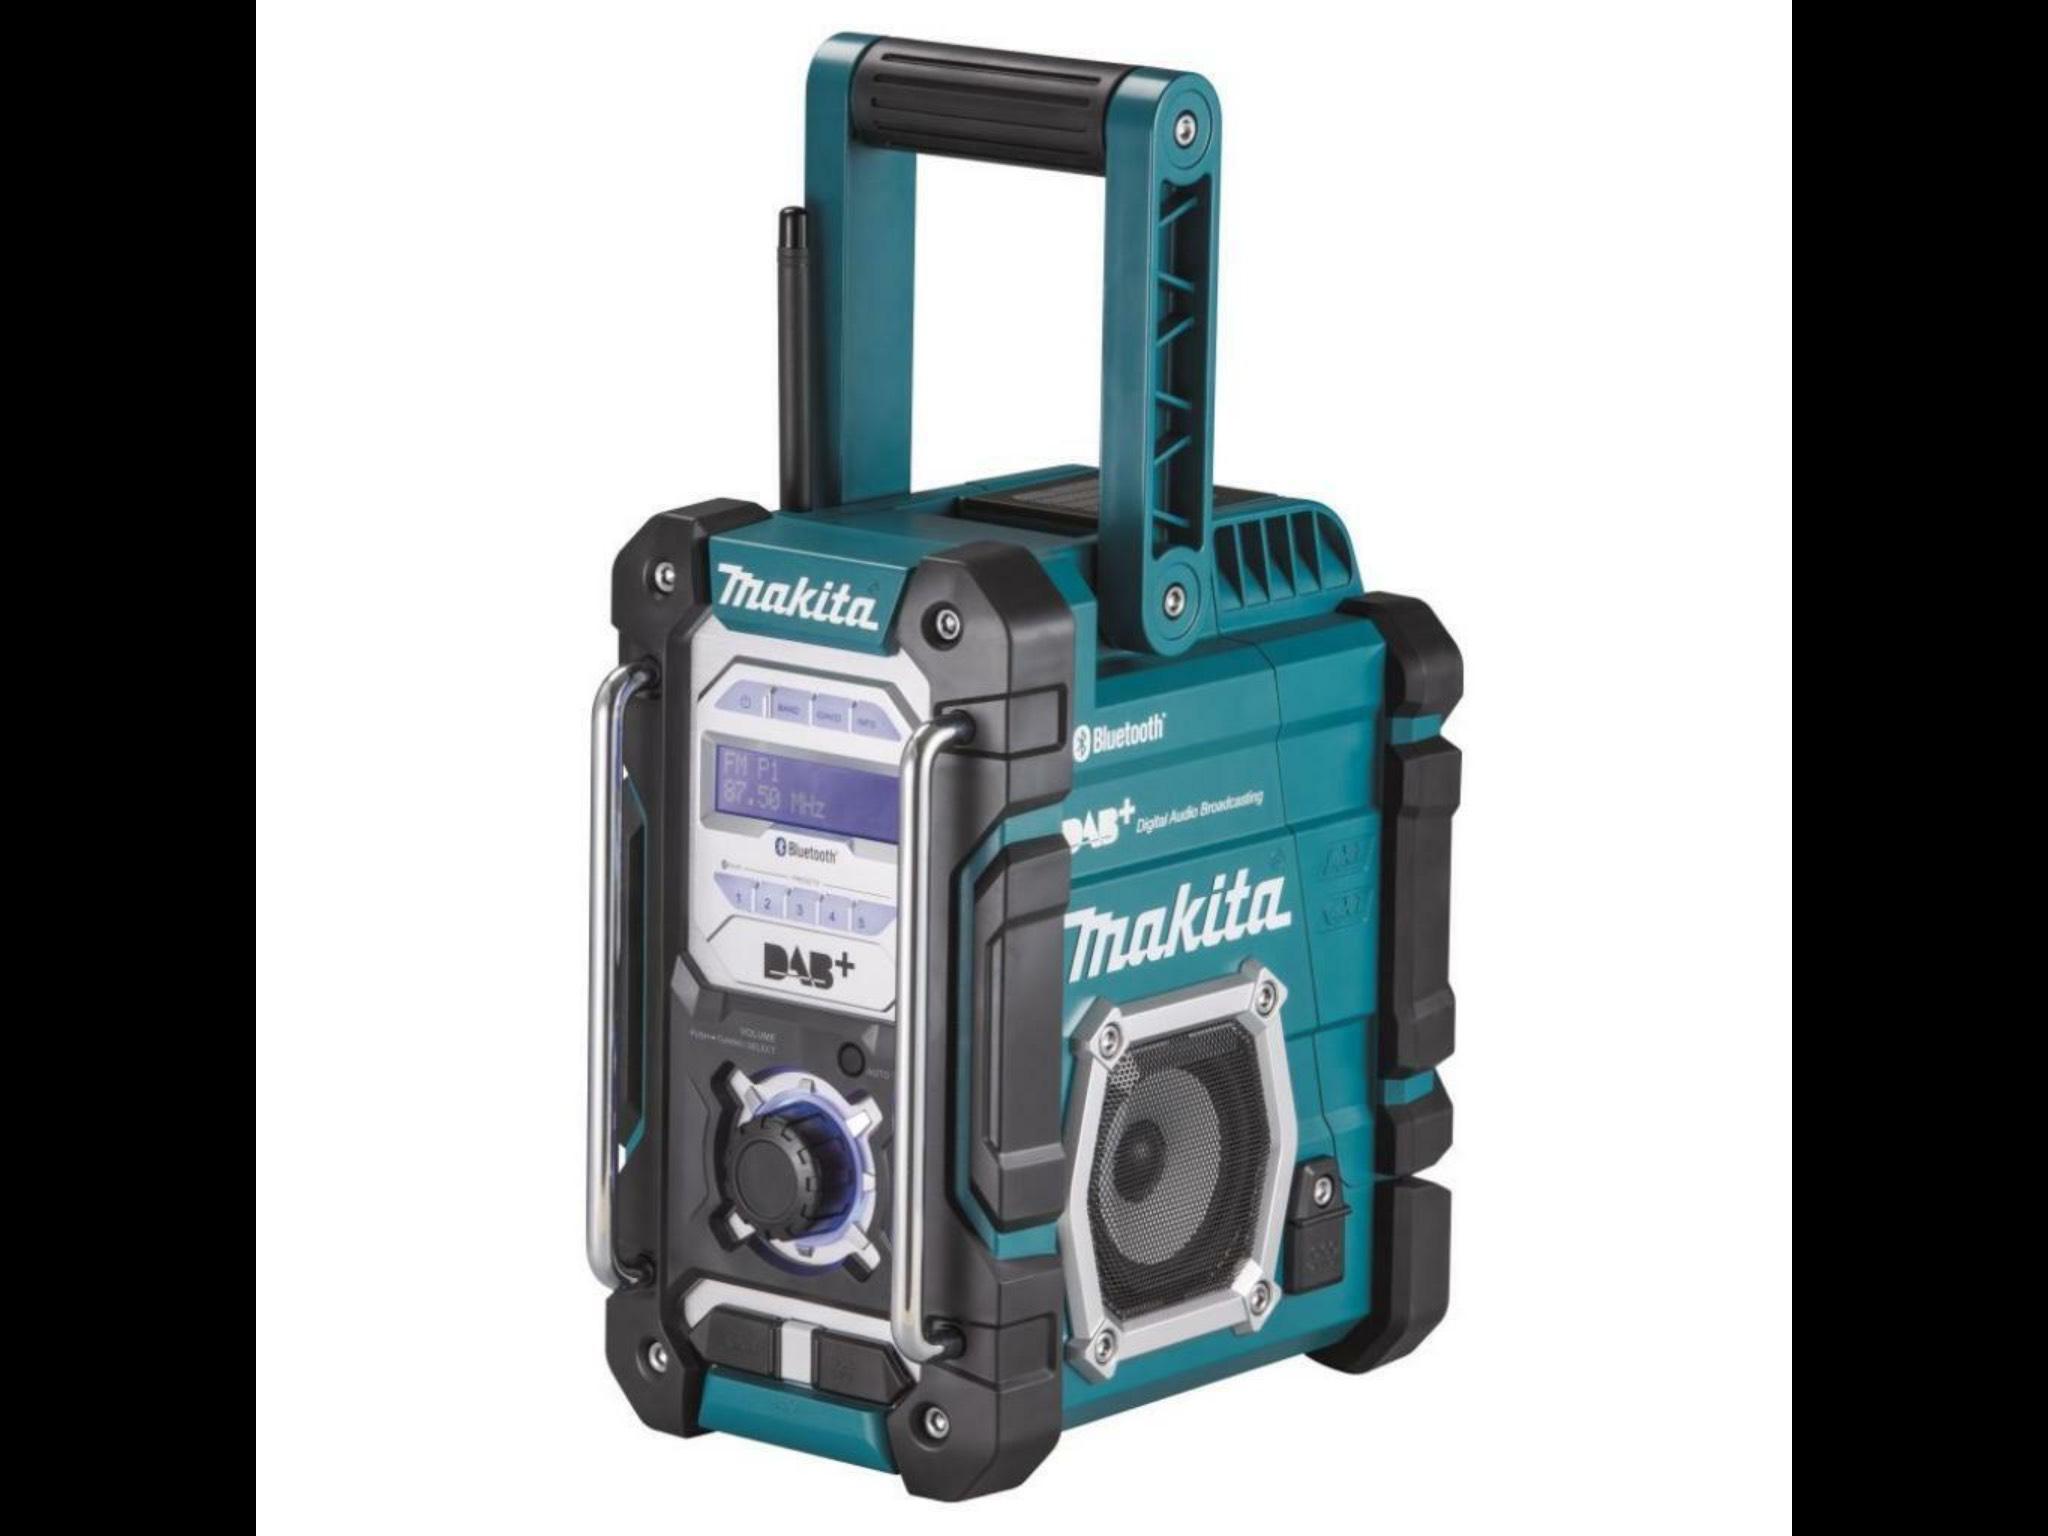 Makita DMR 112 Baustellenradio